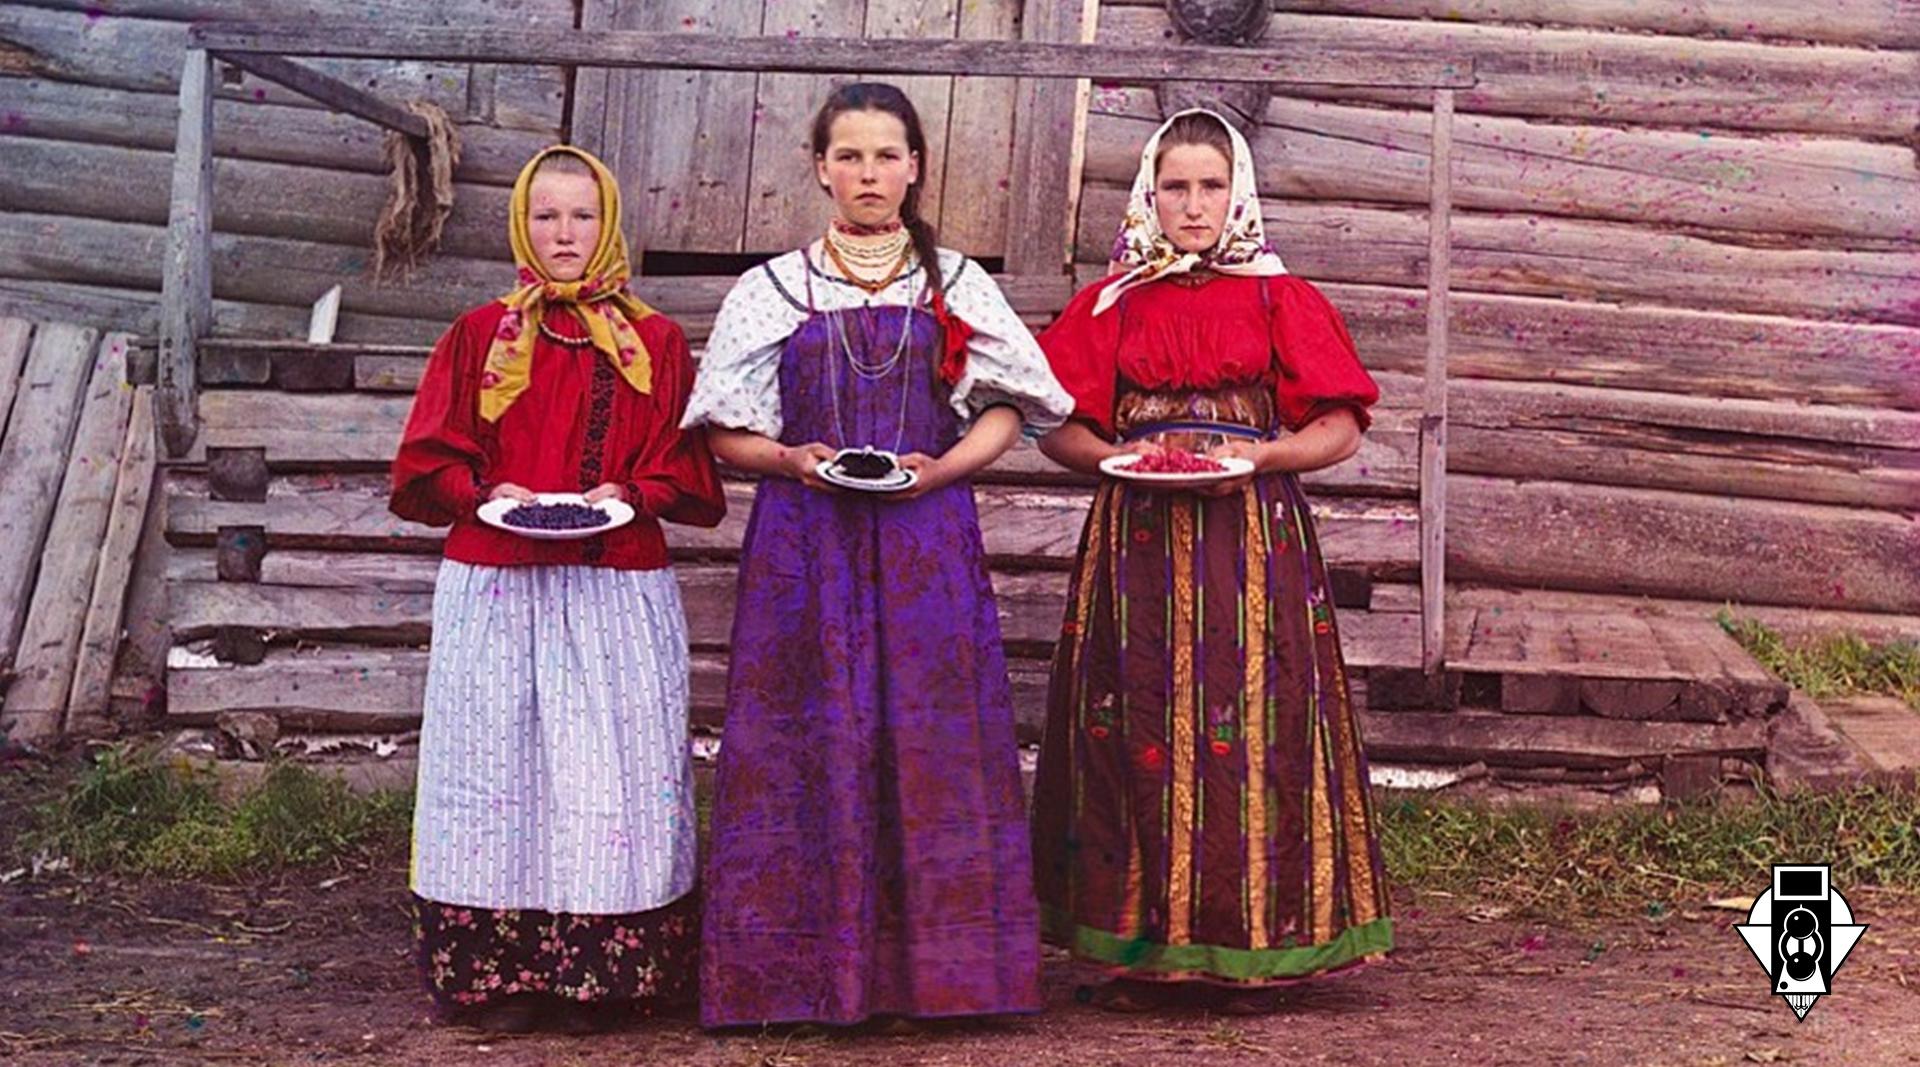 Пионер цветной фотографии в России С. М. Прокудин-Горский